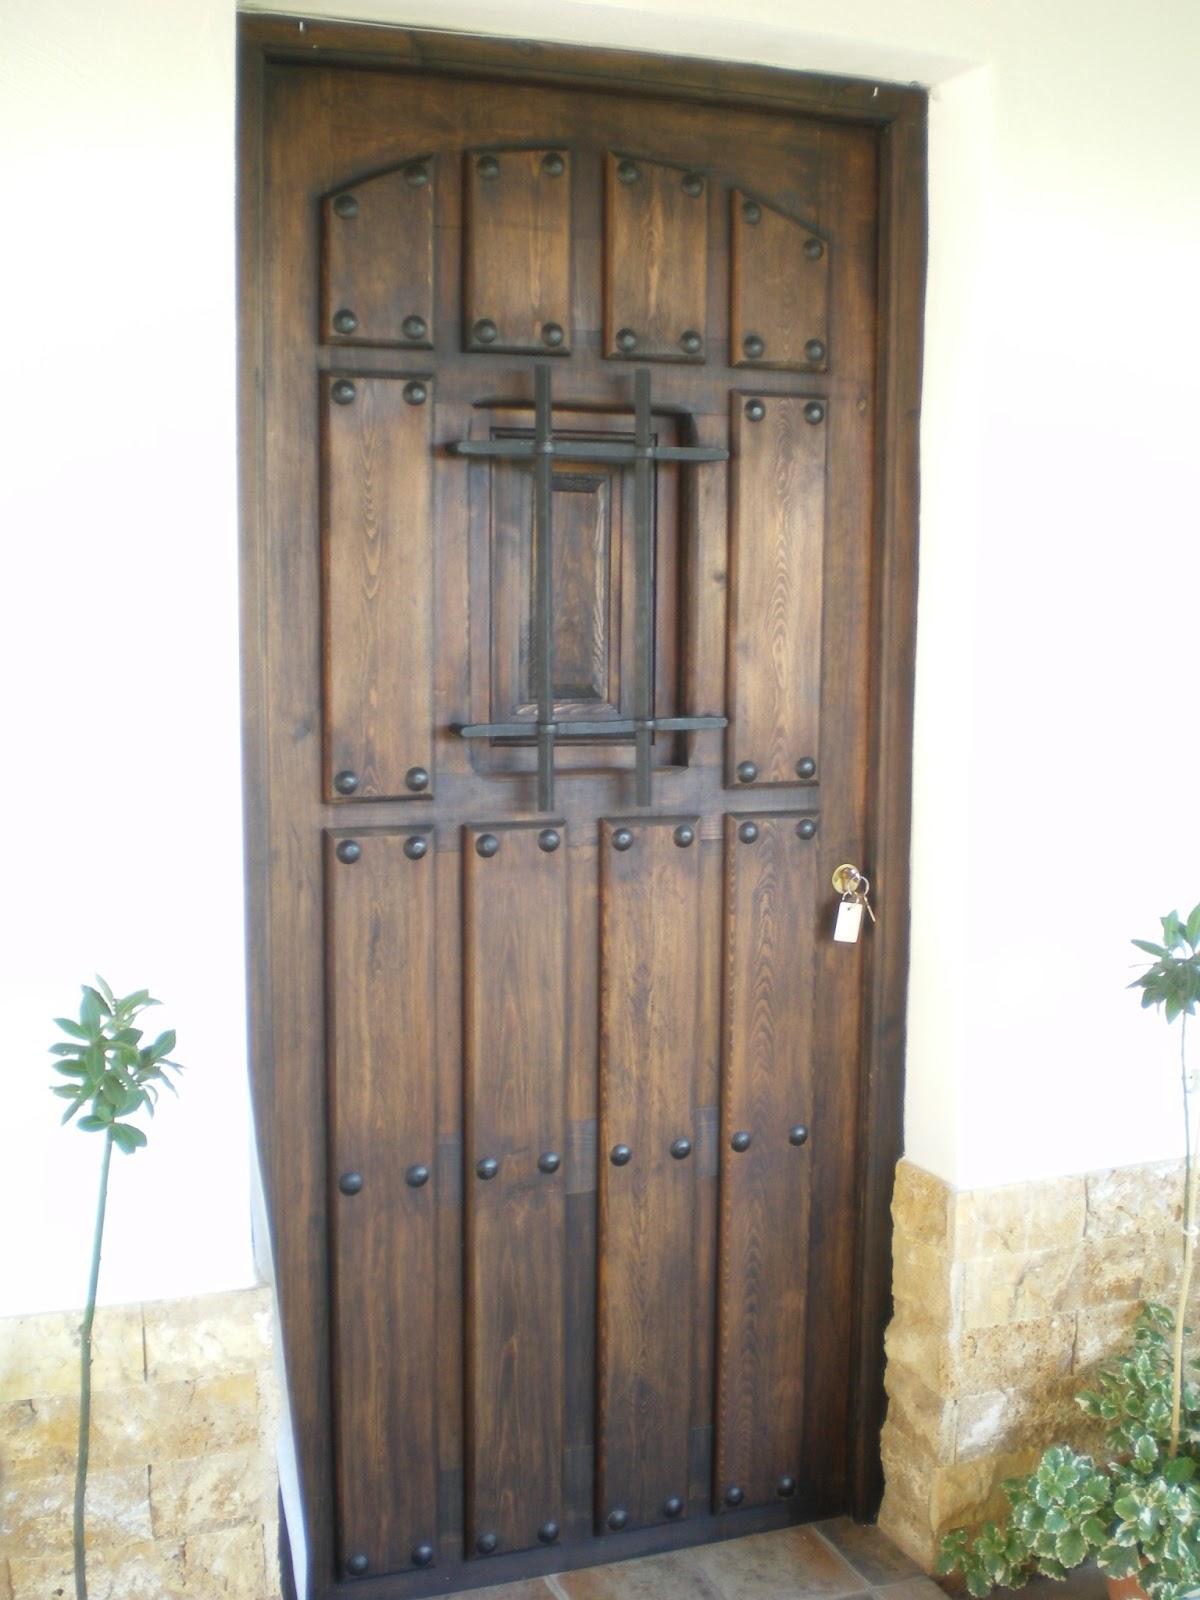 Carpinter a juan ruiz puertas r sticas entrada - Puertas de entrada de madera rusticas ...